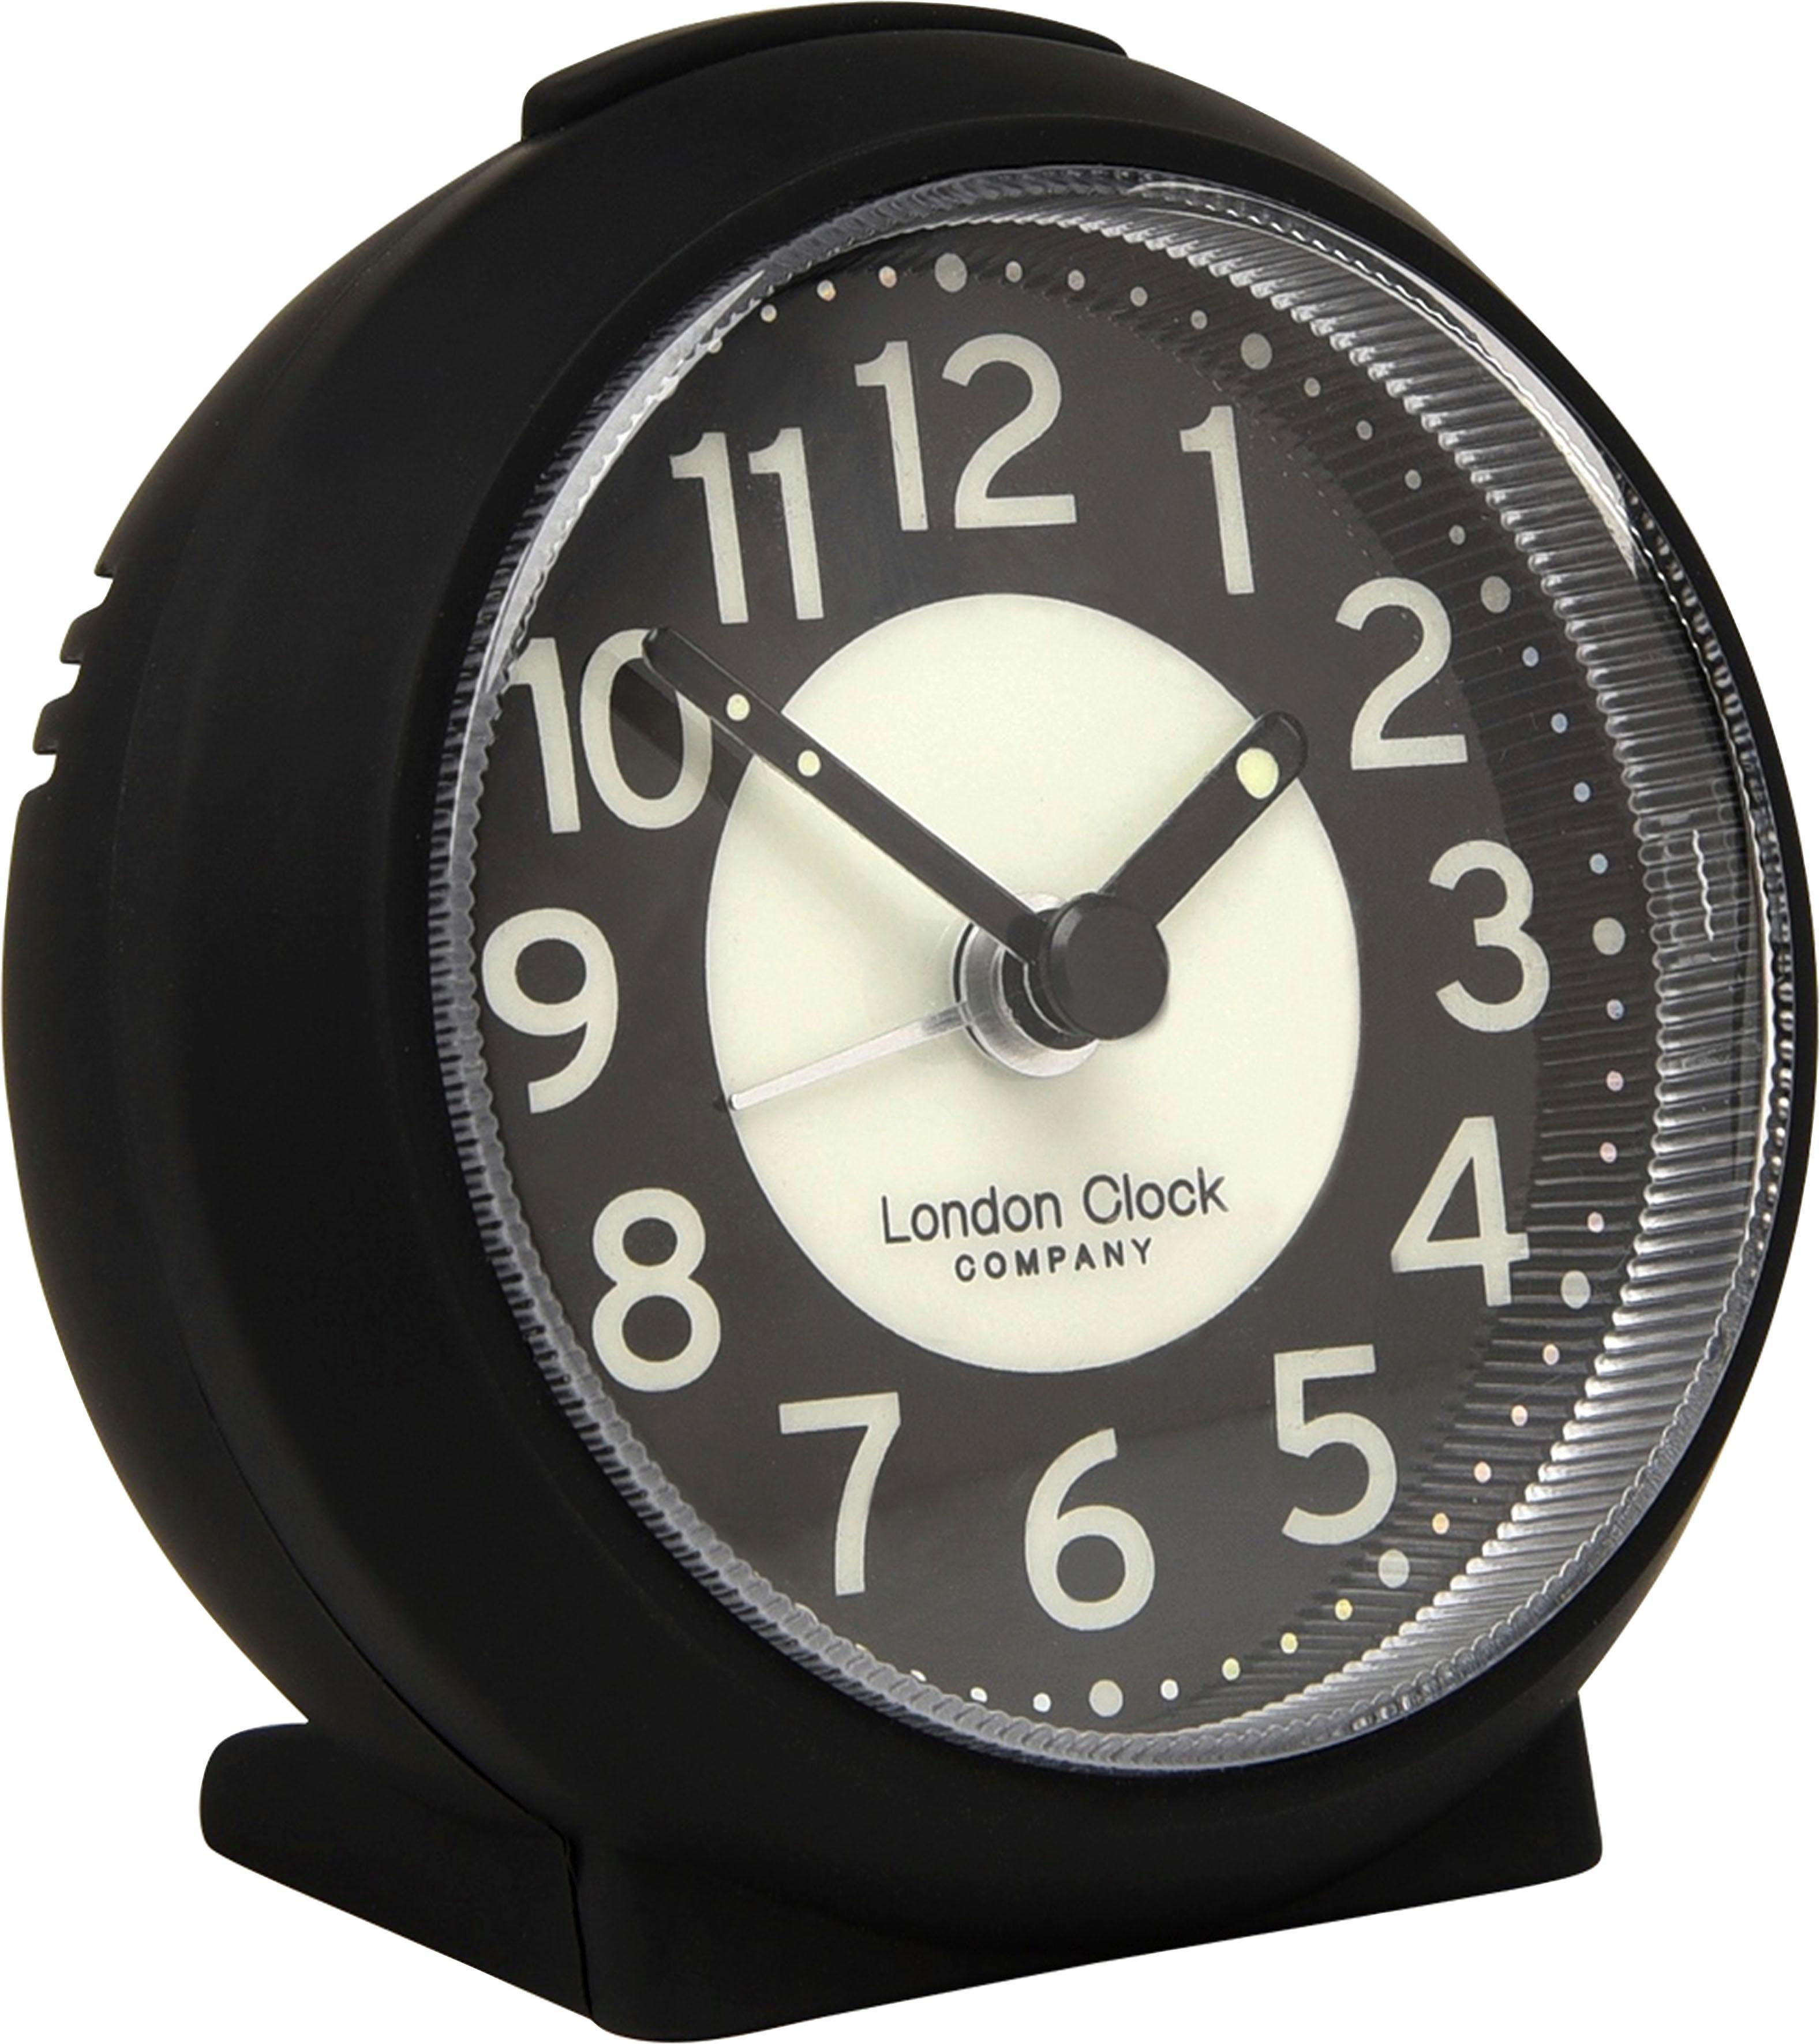 Home Affaire Wecker »London Clock 1922« mit Leuchtzifferblatt   Dekoration > Uhren > Wecker   Home affaire